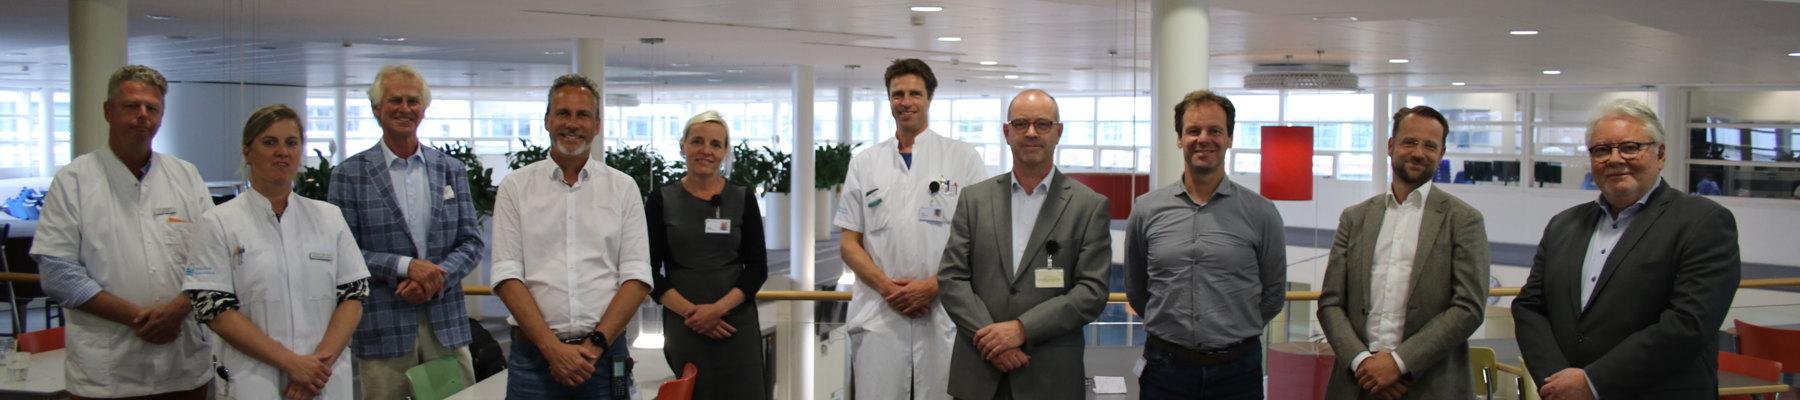 Ziekenhuis Rivierenland behandelt samen met NOK patiënten met overgewicht